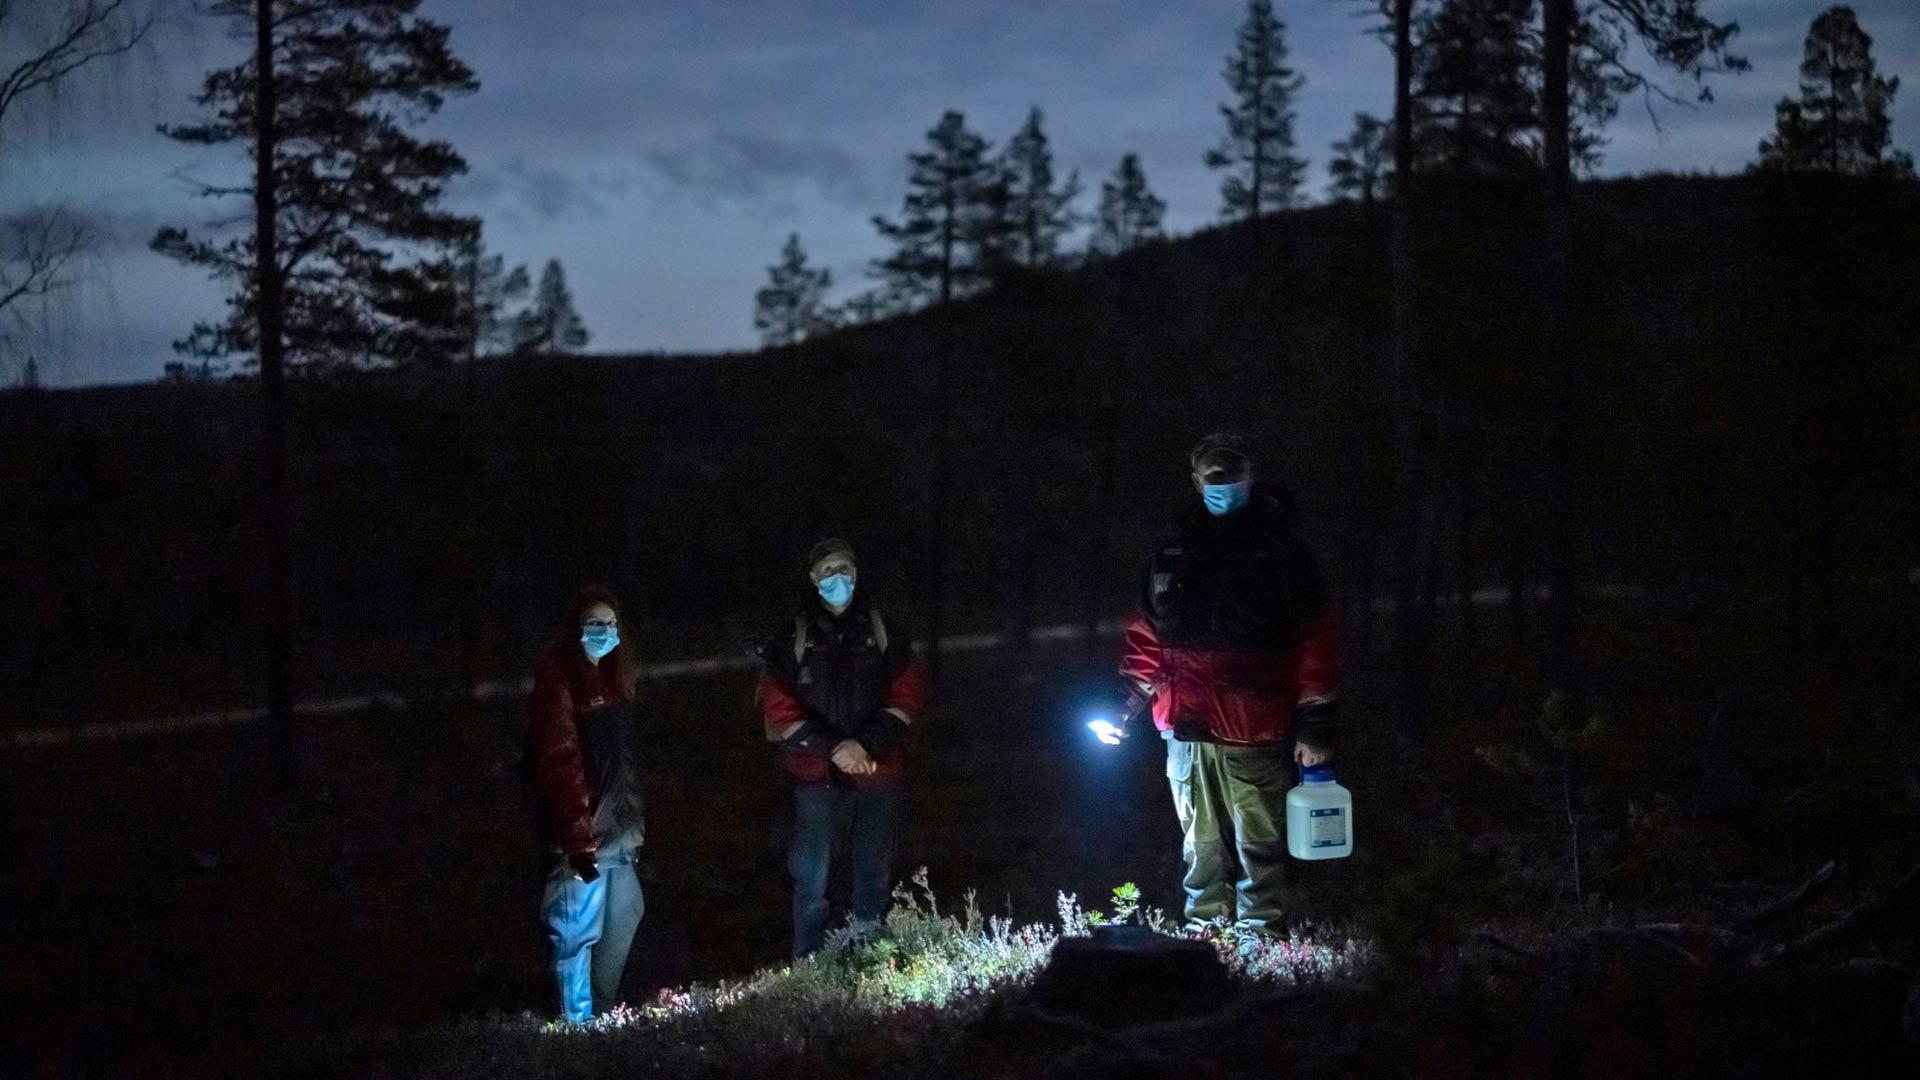 Revontuliretkelle saapuville ulkomaalaisille turisteille pimeässä metsässä olo on elämys. Moni pelkää kohtaavansa tunturin yössä poron, suden tai jopa käärmeen.